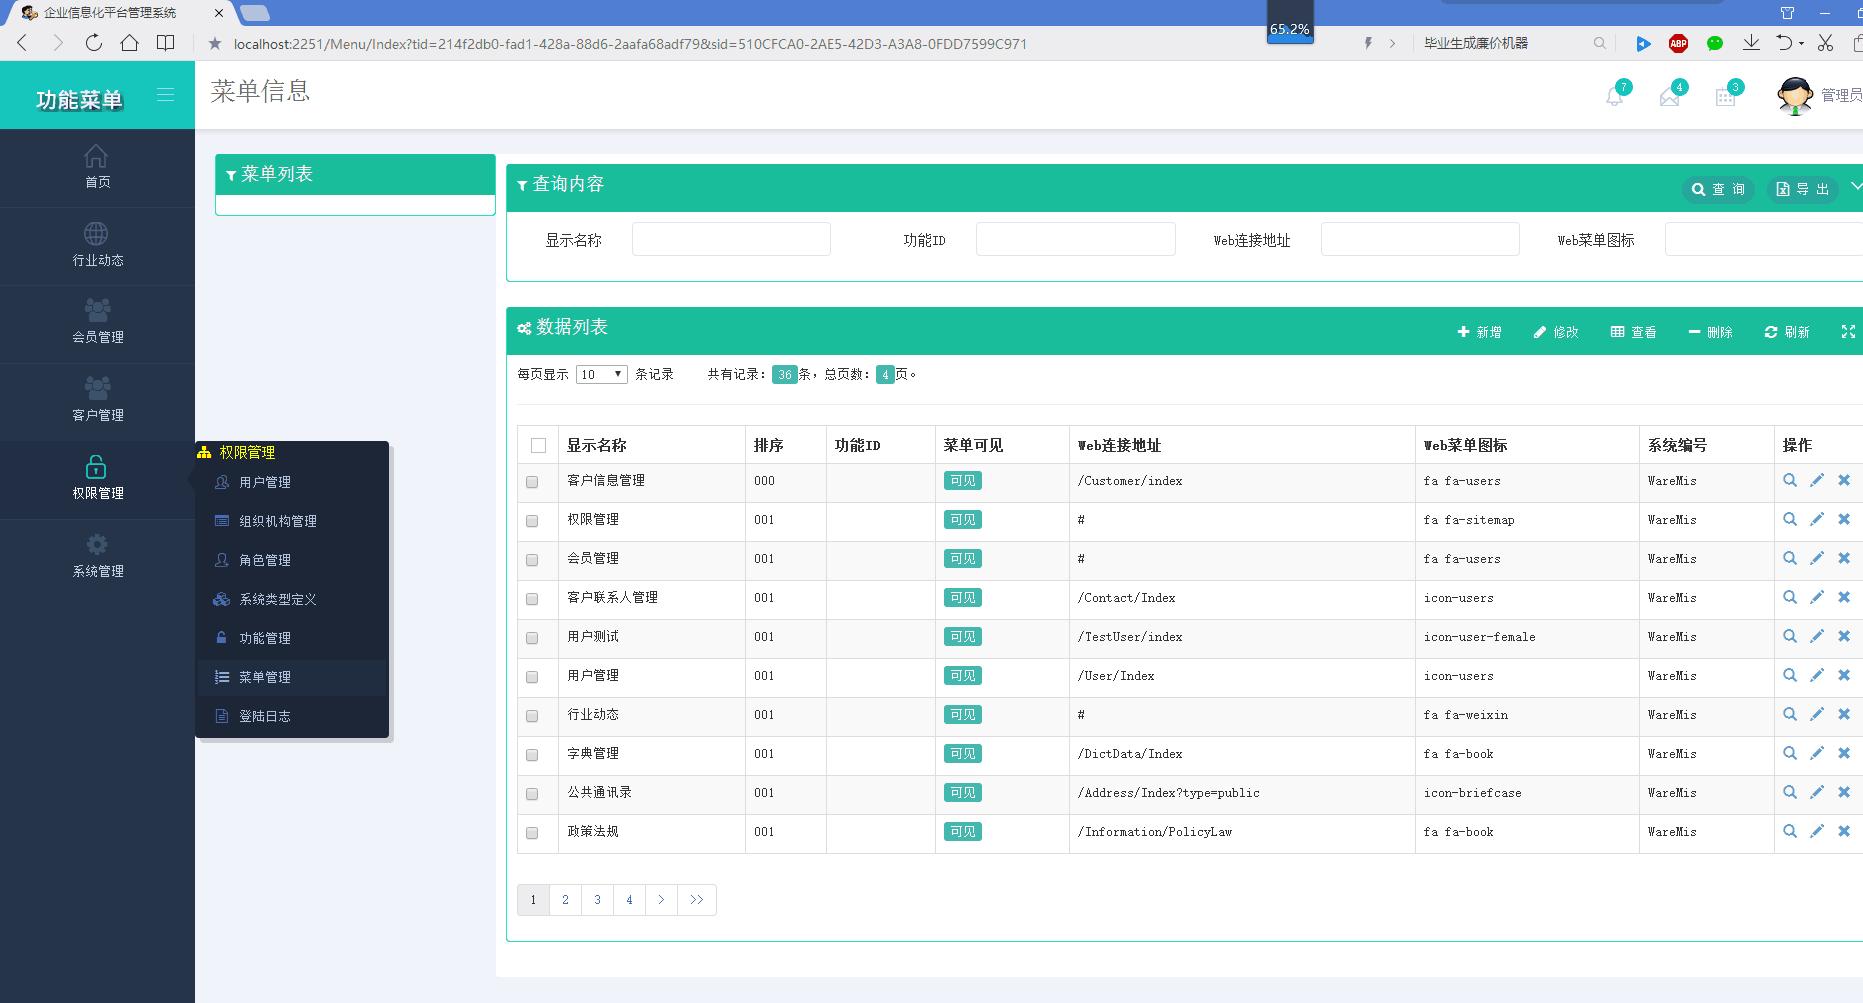 最新伍华聪全套框架源码伍华聪WHC.net开发框架权限管理系统MVC